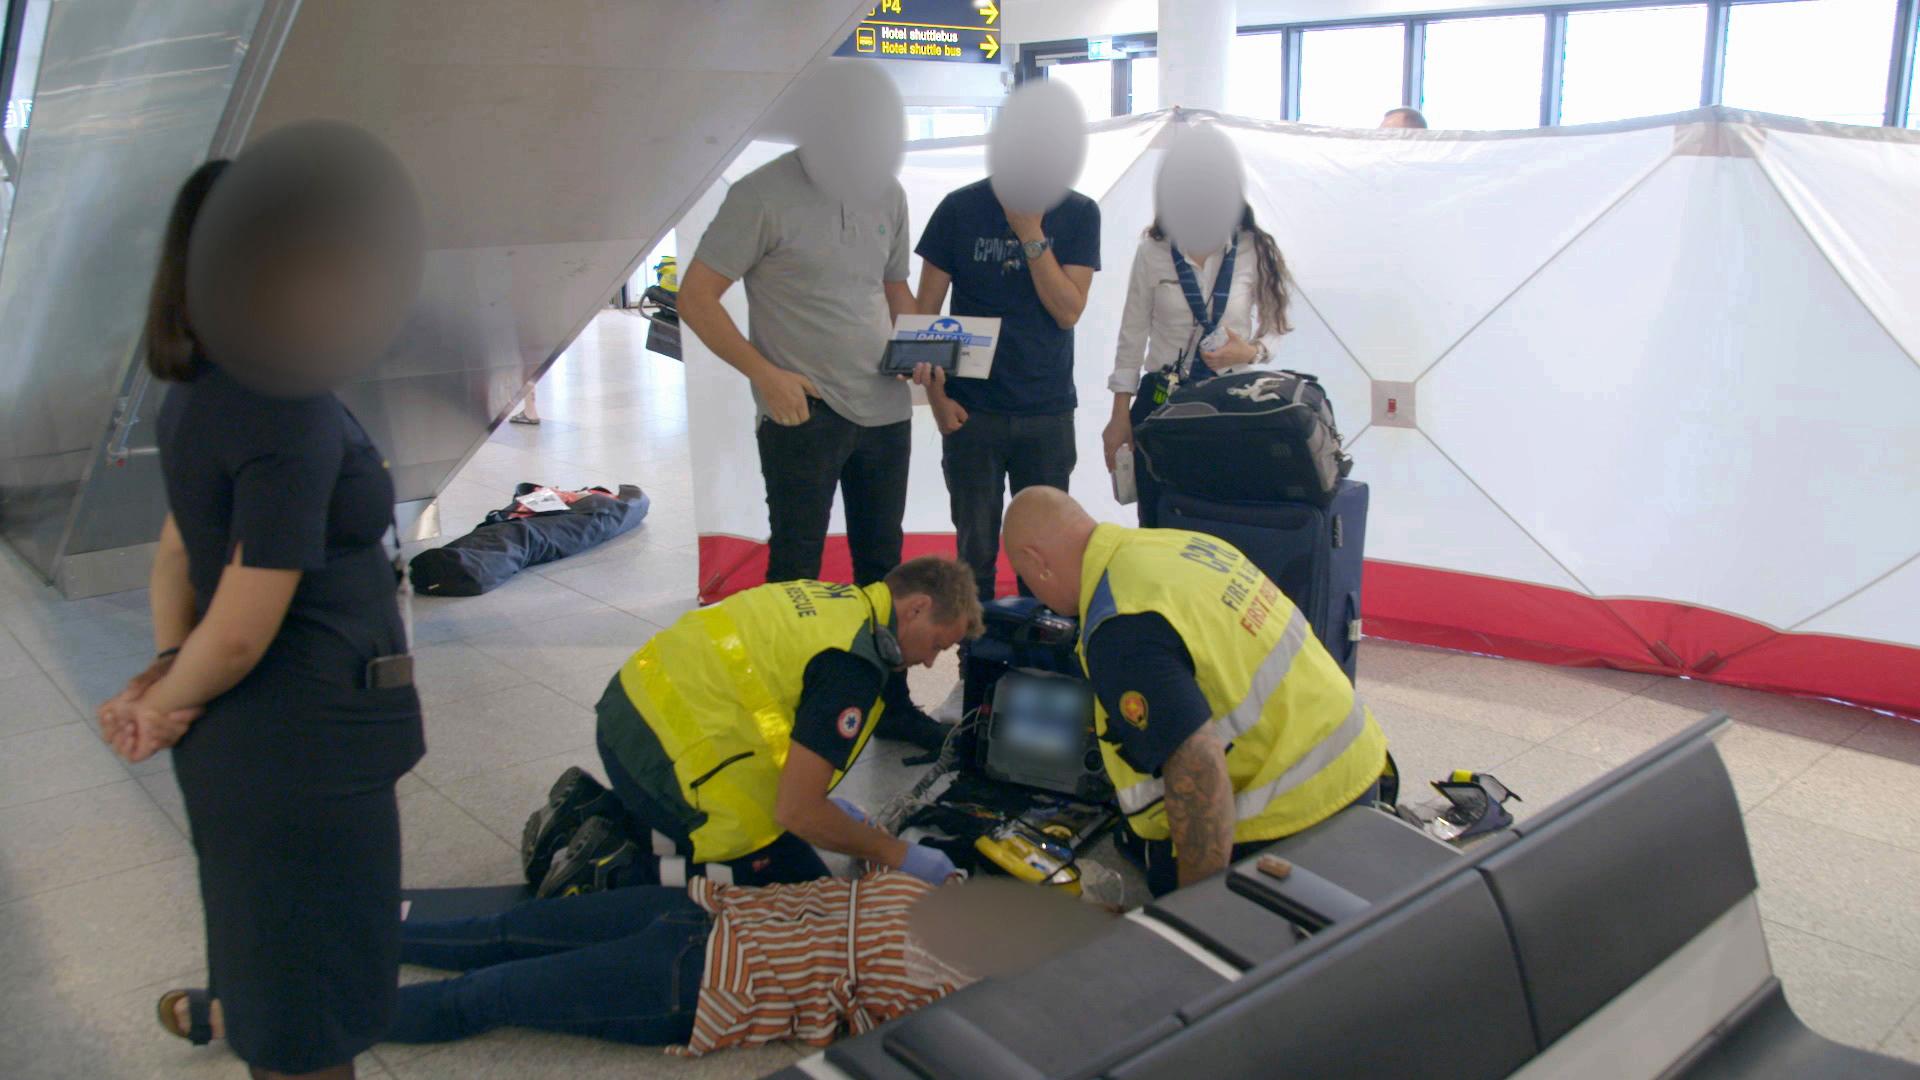 Lufthavnens Beredskab